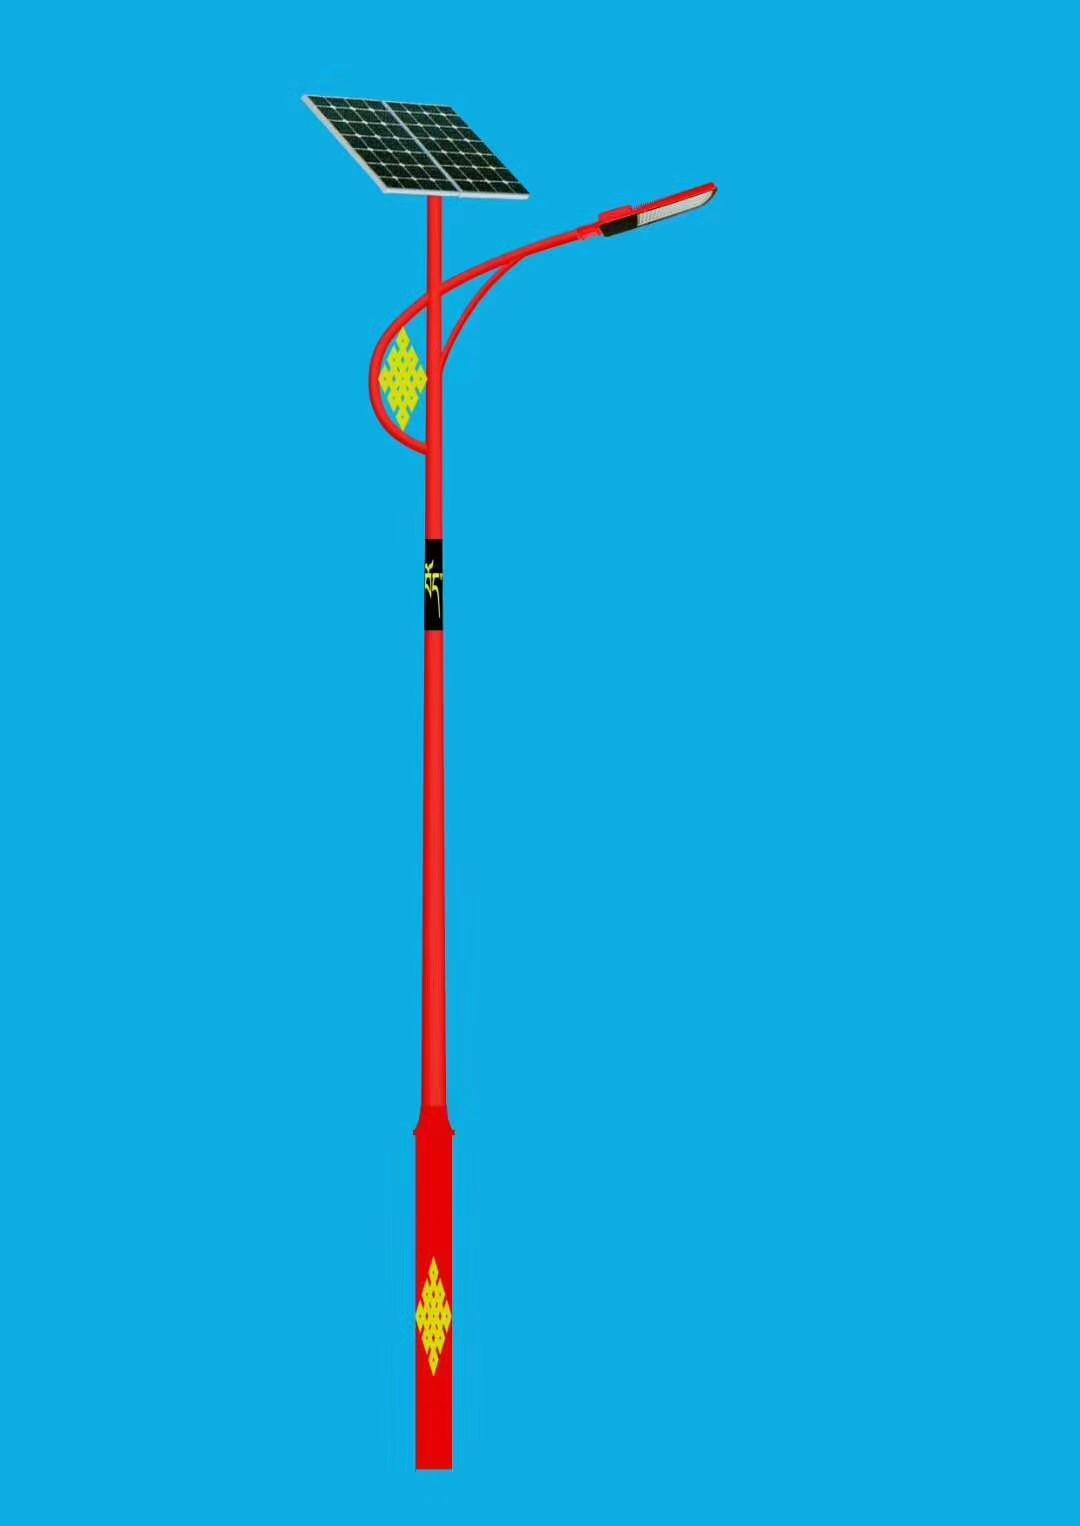 太阳能风光互补路灯,太阳能路灯灯头,太阳能led路灯,太阳能led庭院灯